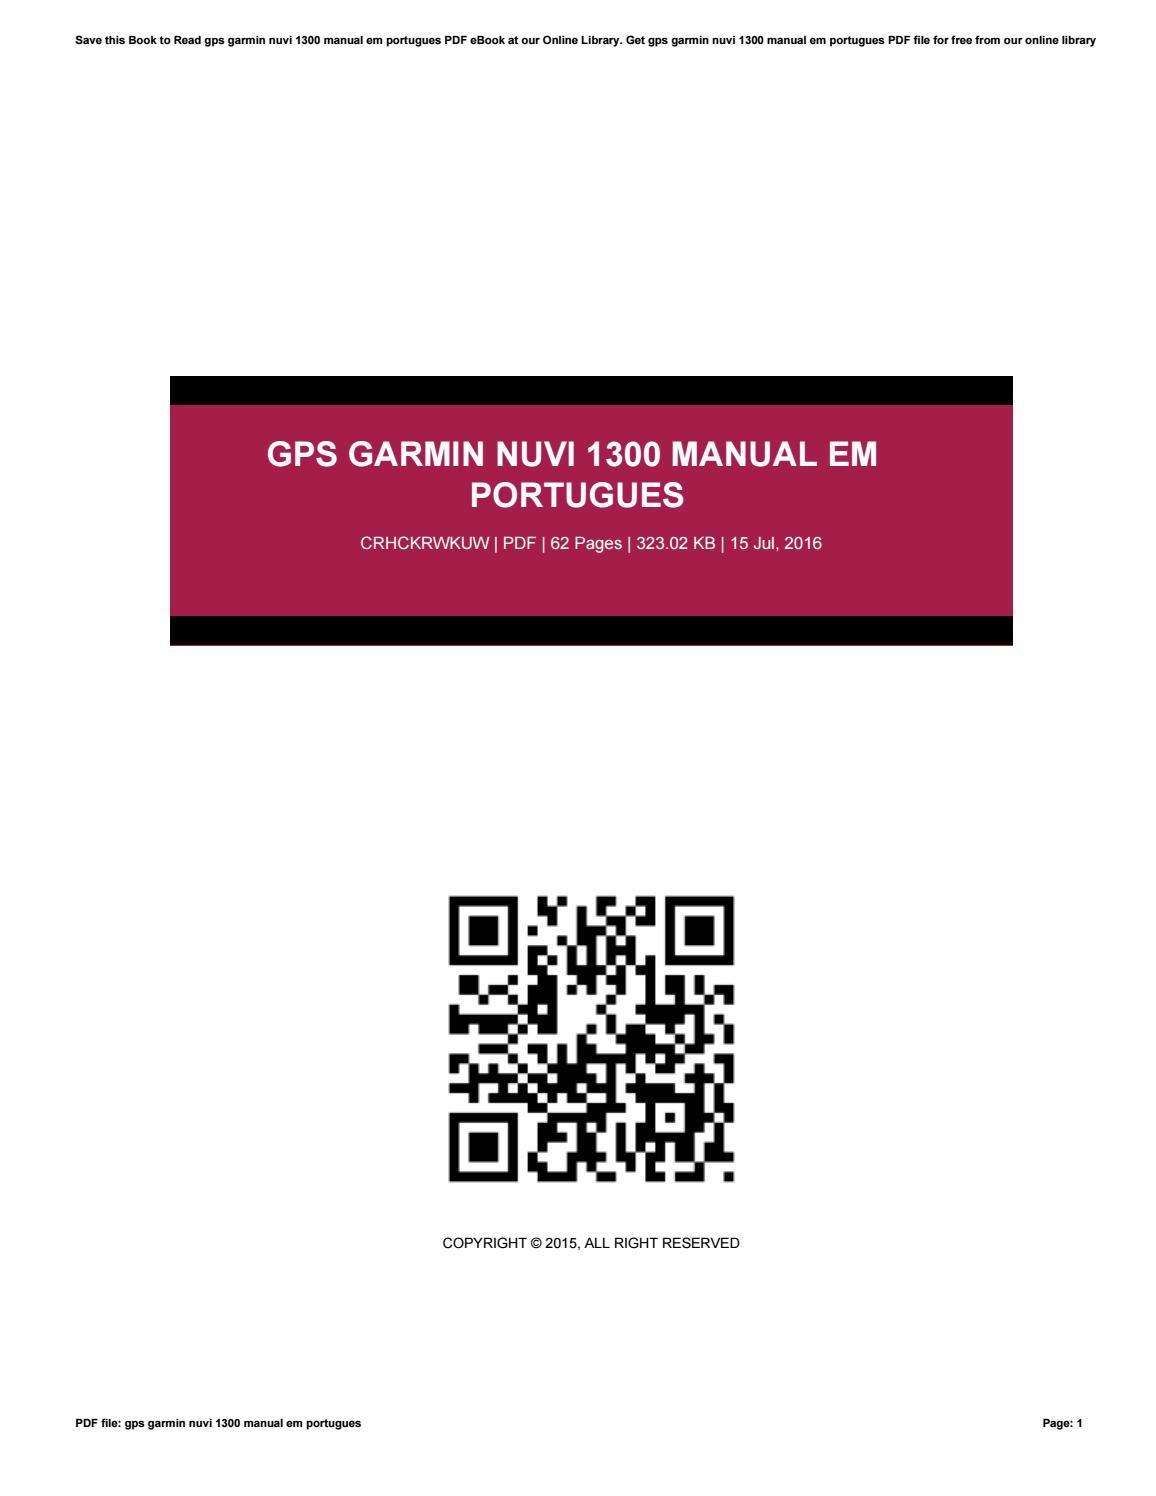 ... Array - gps garmin nuvi 1300 manual em portugues by randy issuu rh  issuu ...